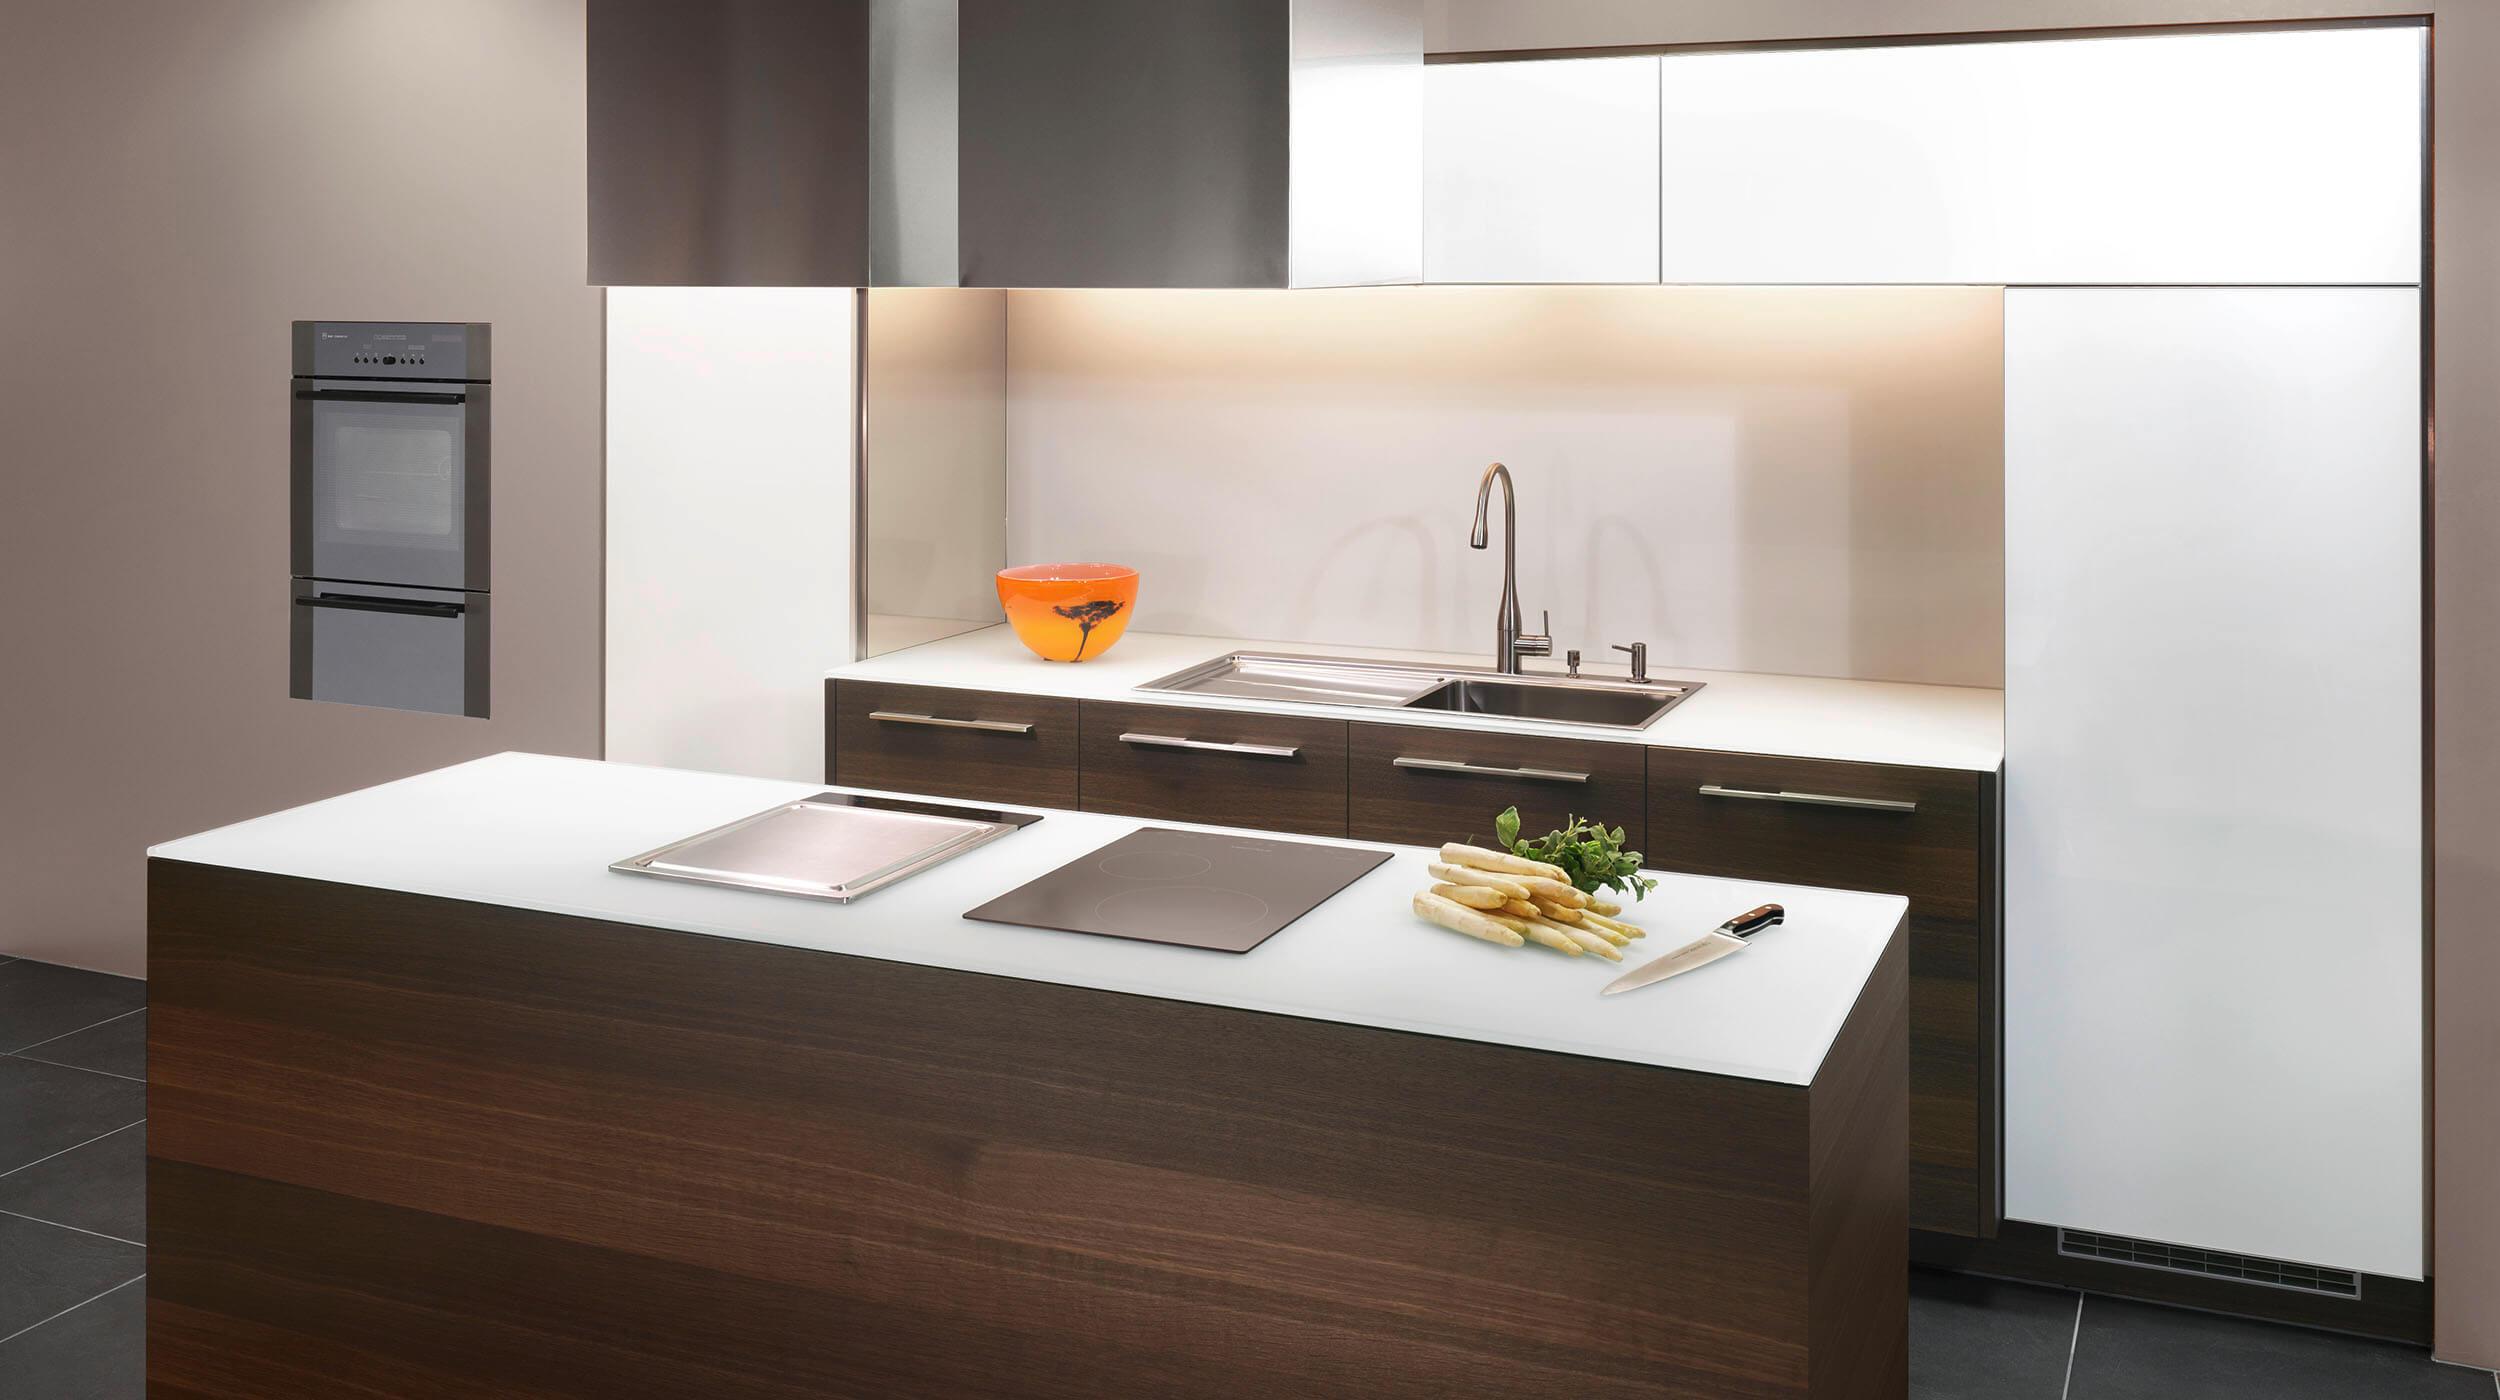 Begegnungen für die Sinne - mn küchen von Movanorm